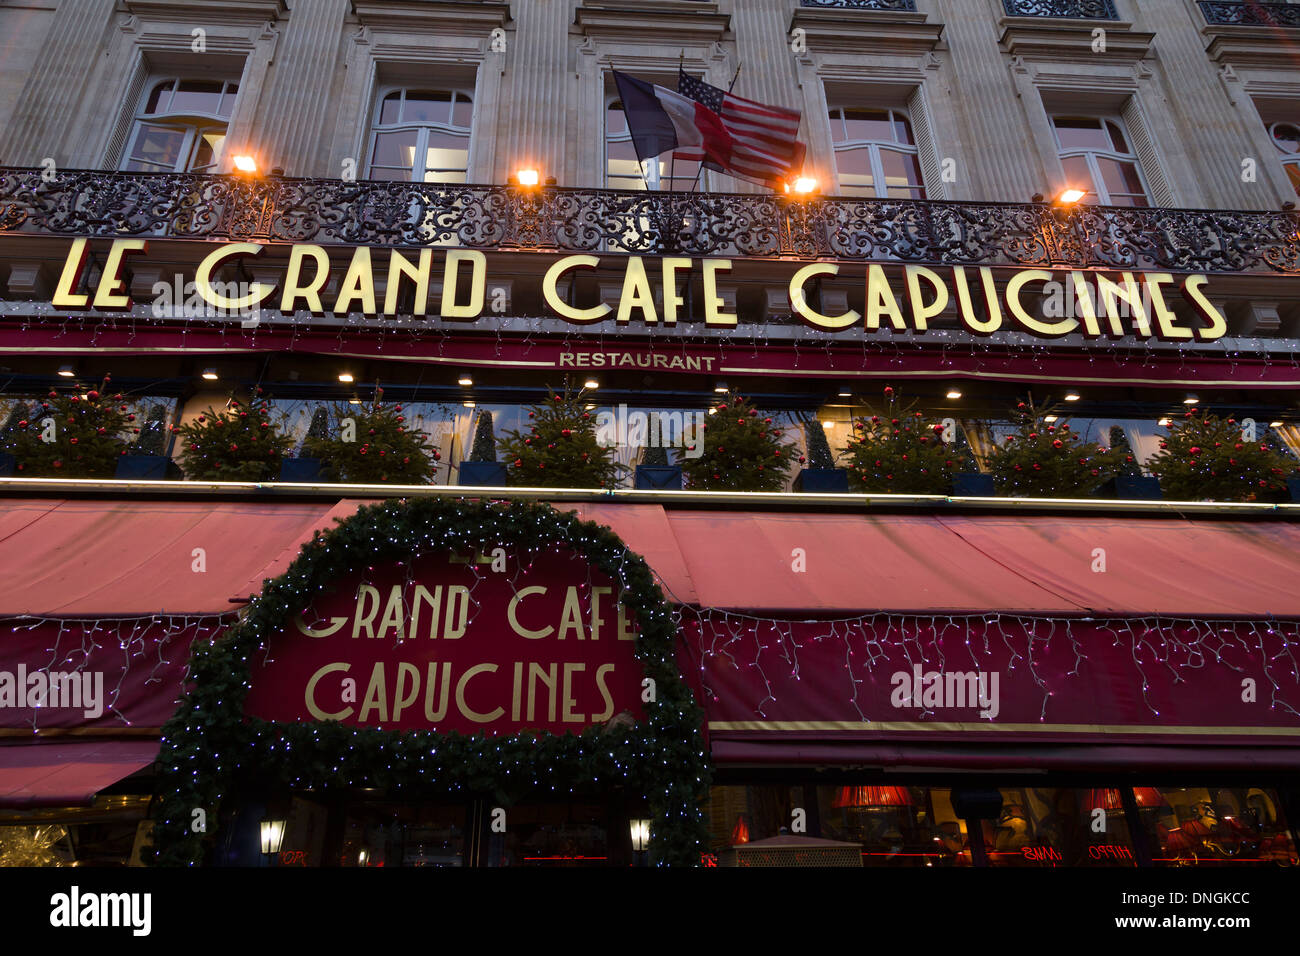 Le Grand Café Capucines, Paris, France; opened 1875, venue for the ...